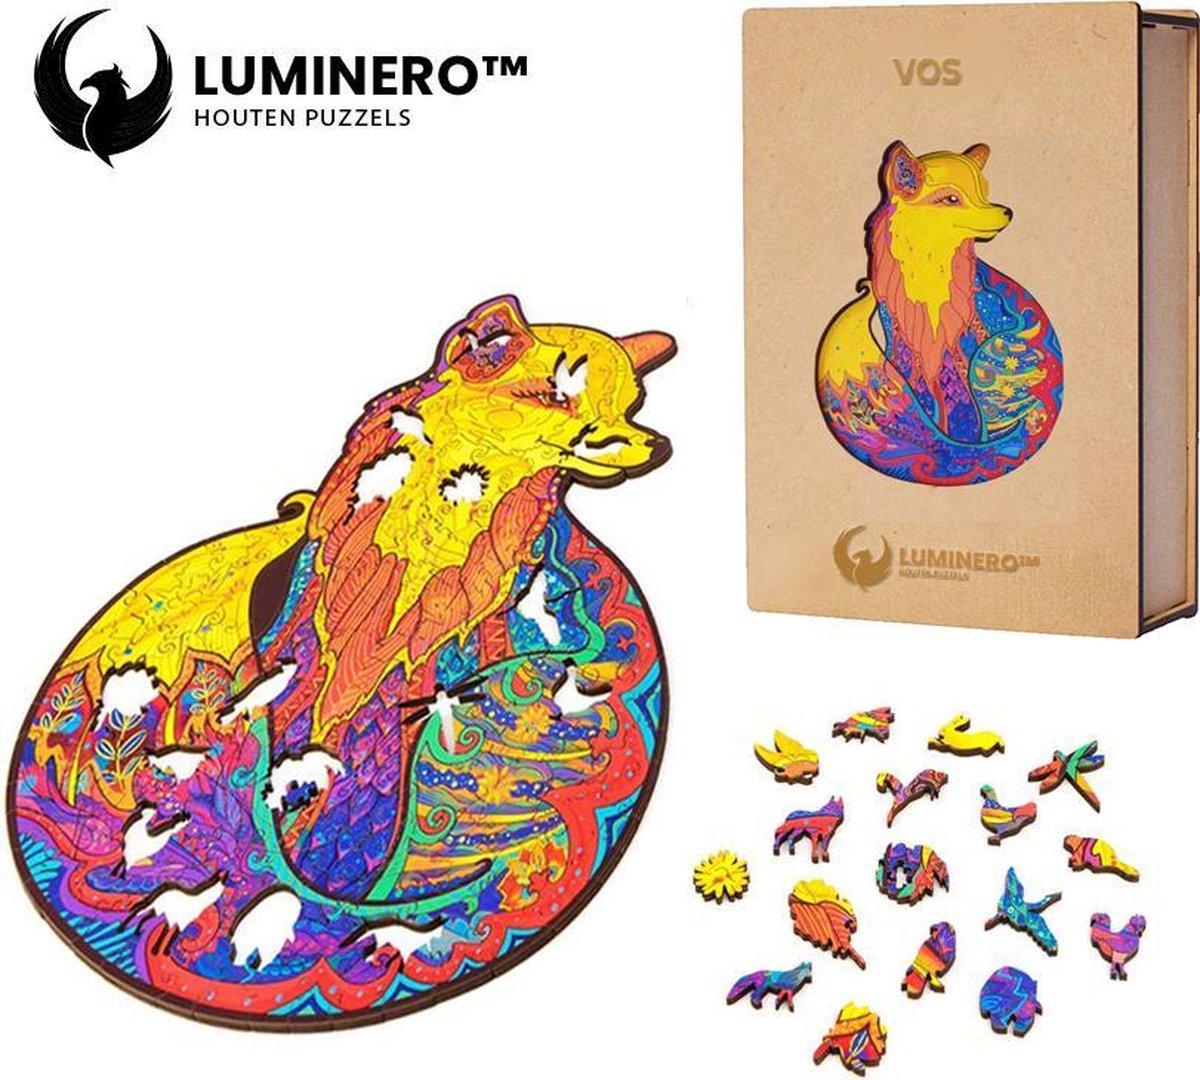 Luminero™ Houten Vos Jigsaw Puzzel - A3 Formaat Jigsaw - Unieke 3D Puzzels - Huisdecoratie - Wooden Puzzle - Volwassenen & Kinderen - Incl. Houten Doos